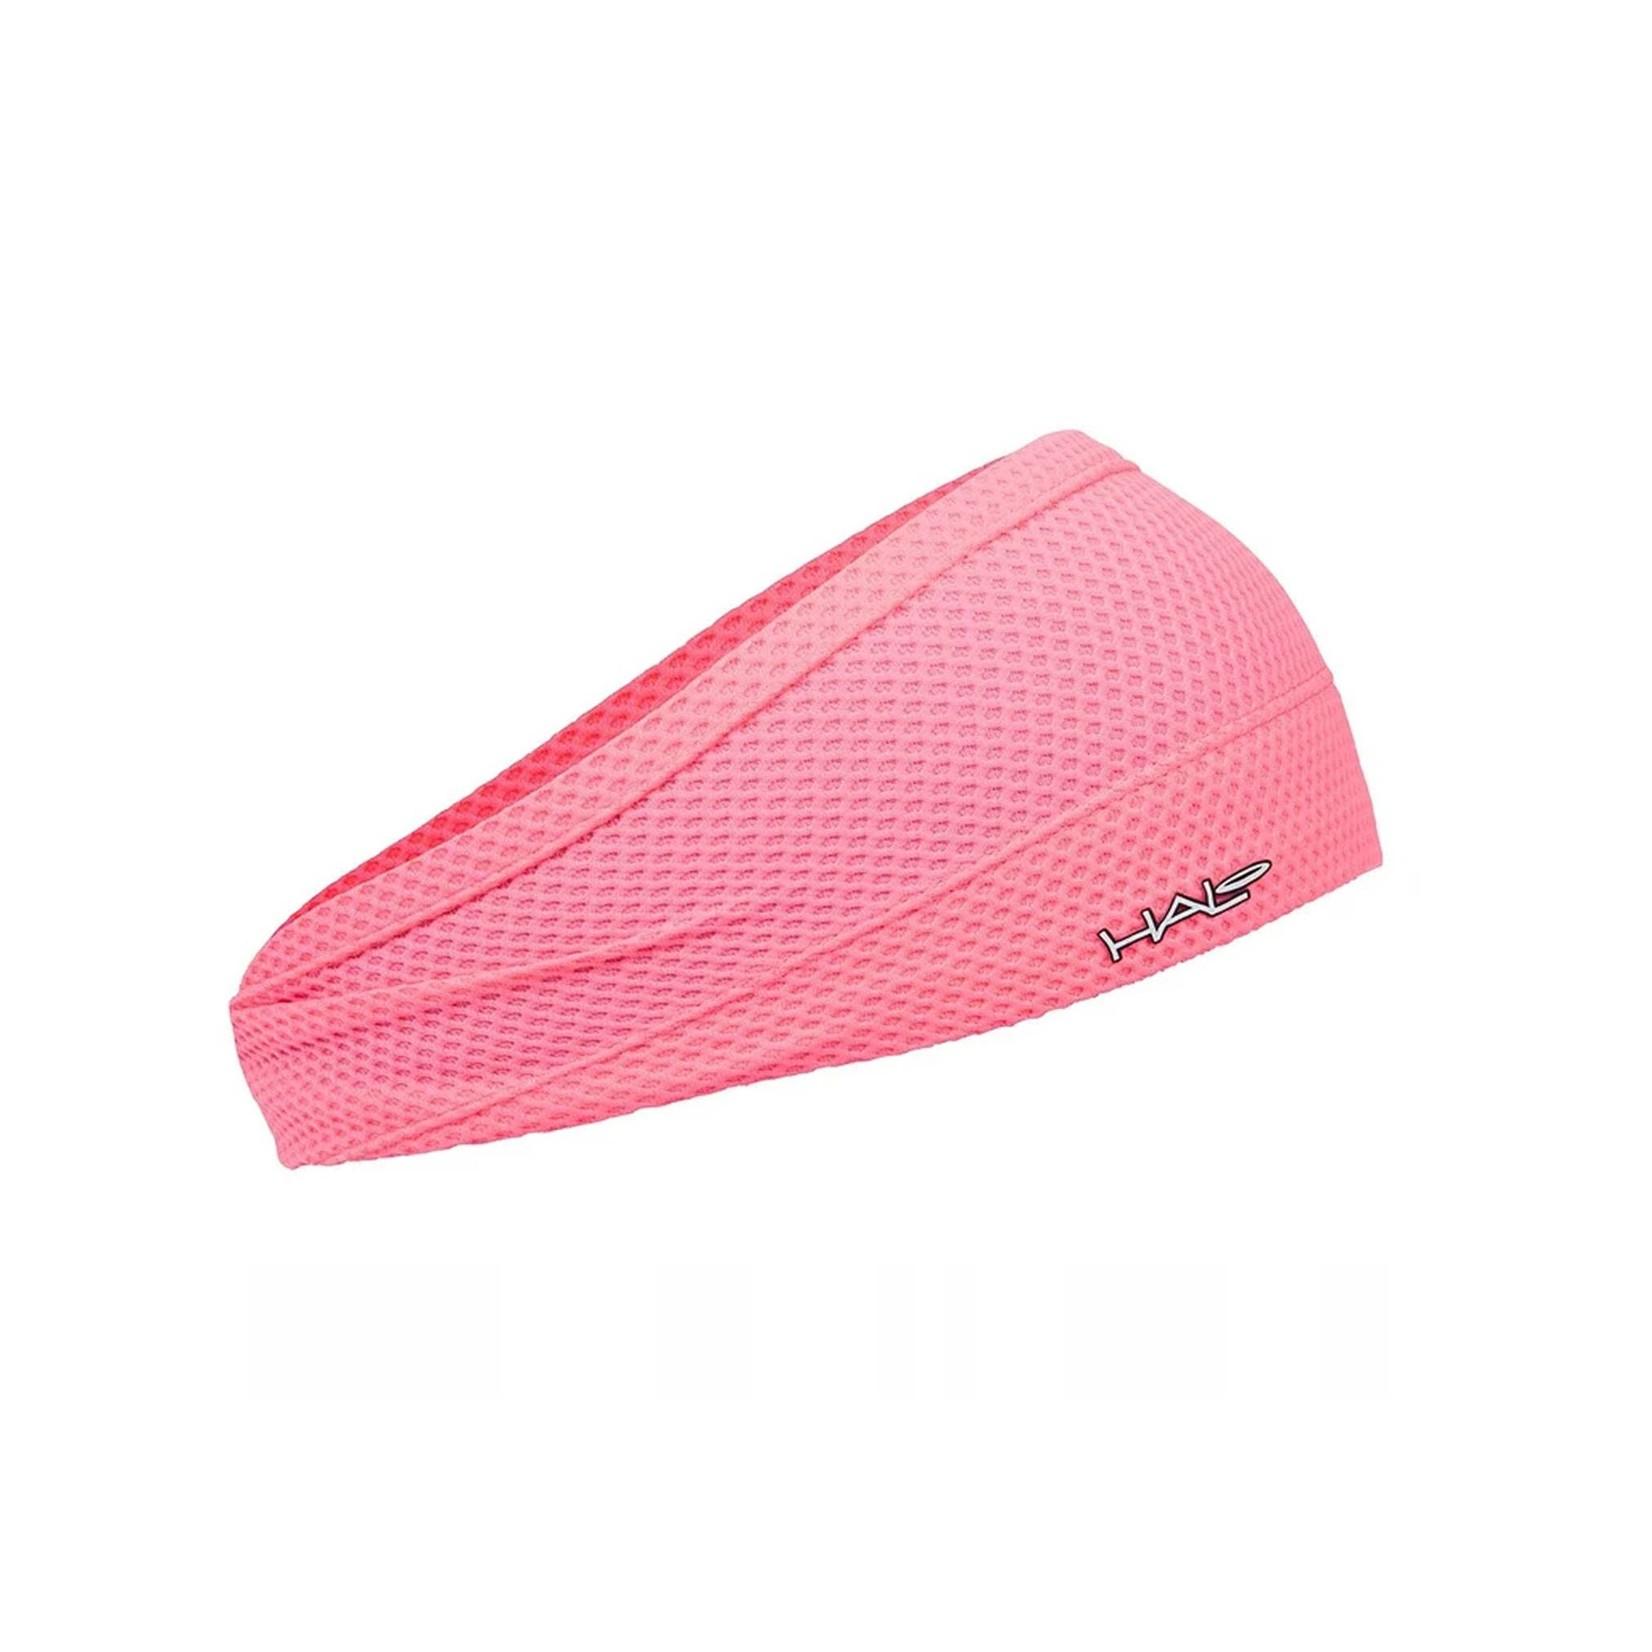 Halo Bandit Air Headband Coral